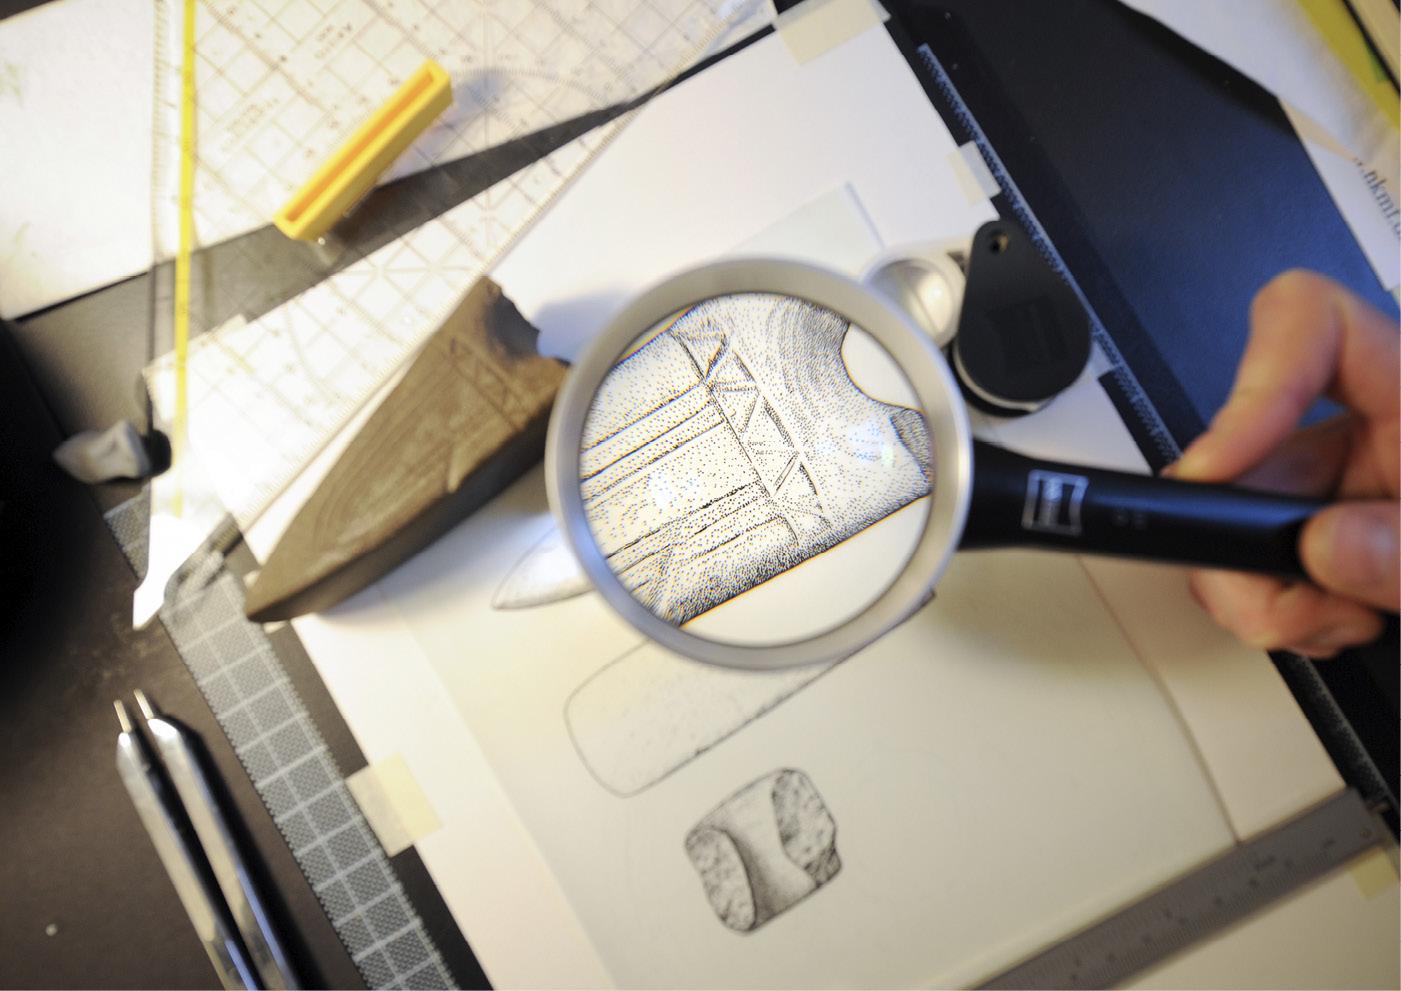 STRIDSØKS: Tegningene består av prikker og streker som gjenskaper objektenes detaljer på papir med 0,1 millimeters nøyaktighet. Her en stridsøks i stein, fra Randers Amt, tegnet av Sol Hallset. Foto: Thomas Kolbein Bjørk Olsen